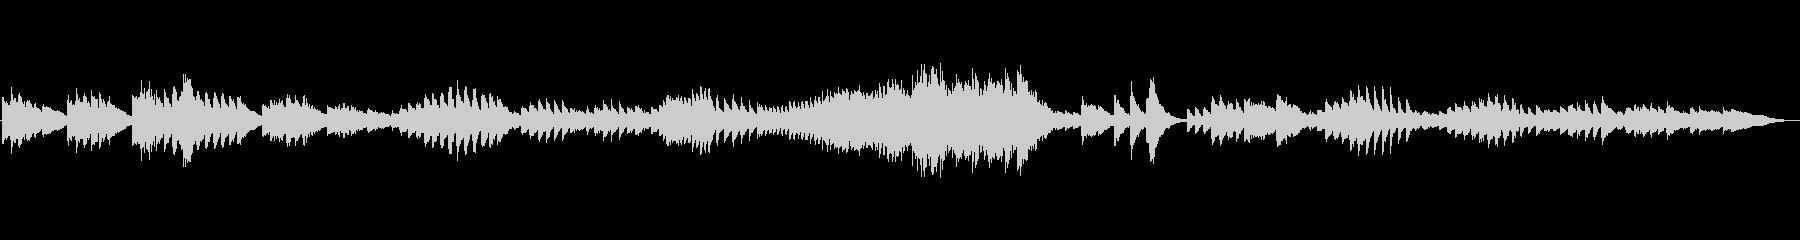 ちょっと不気味なベートーベンピアノソナタの未再生の波形